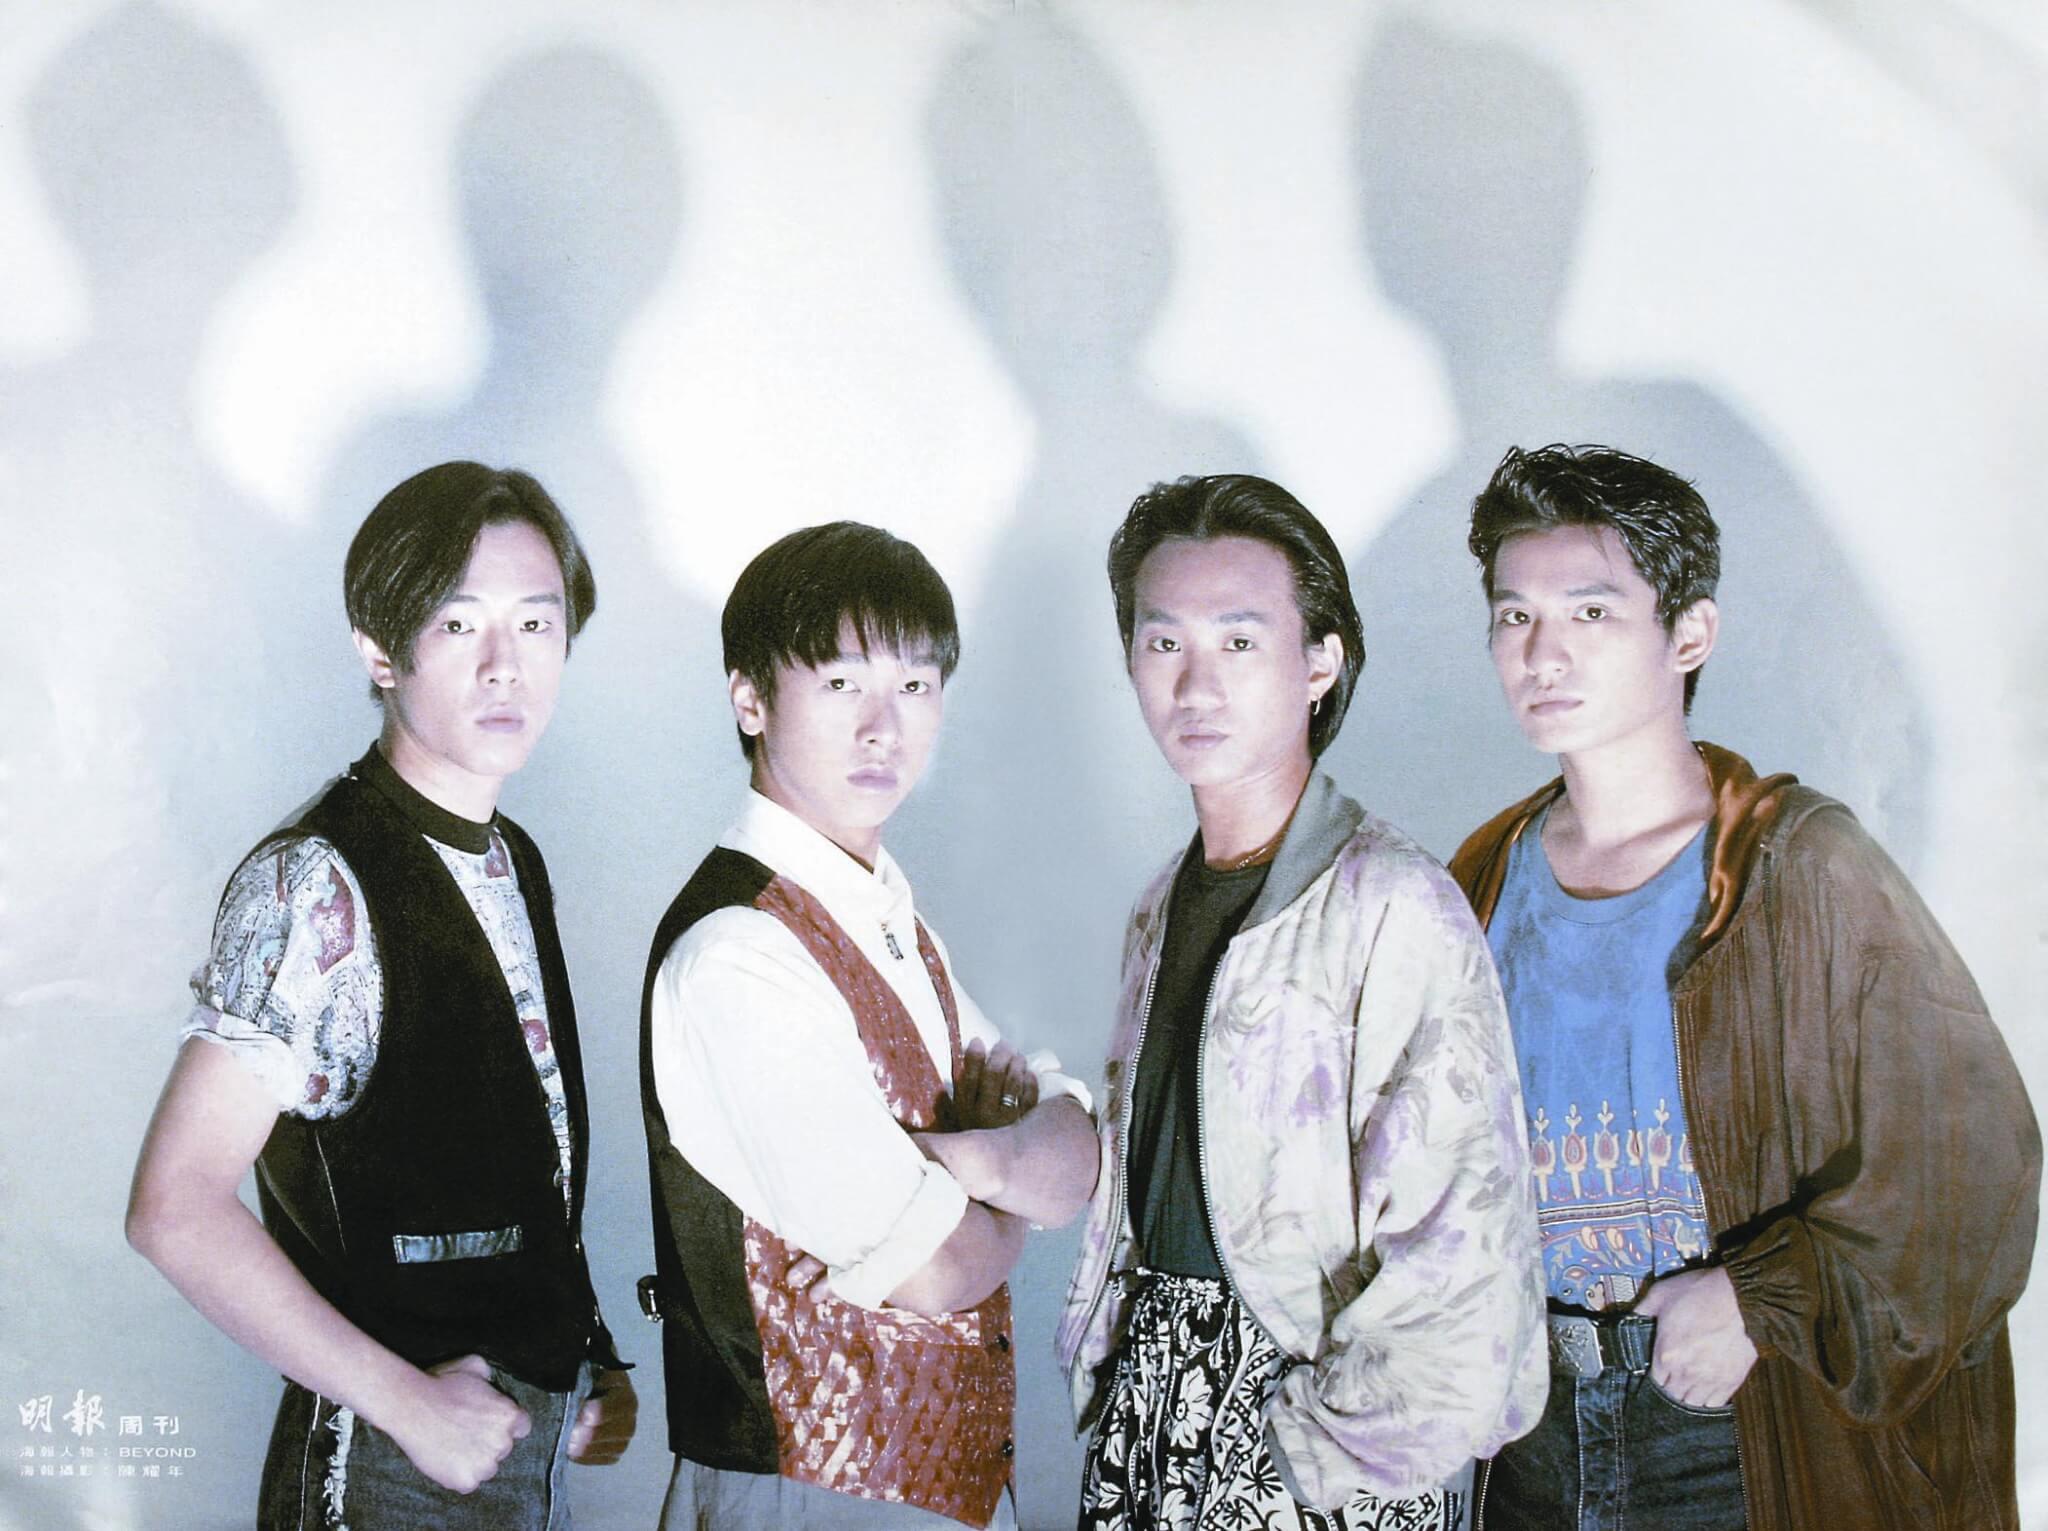 九○年十月,Beyond替《明周》拍了一輯海報。這四張年輕的臉孔,當時已成為樂壇上一股新動力。